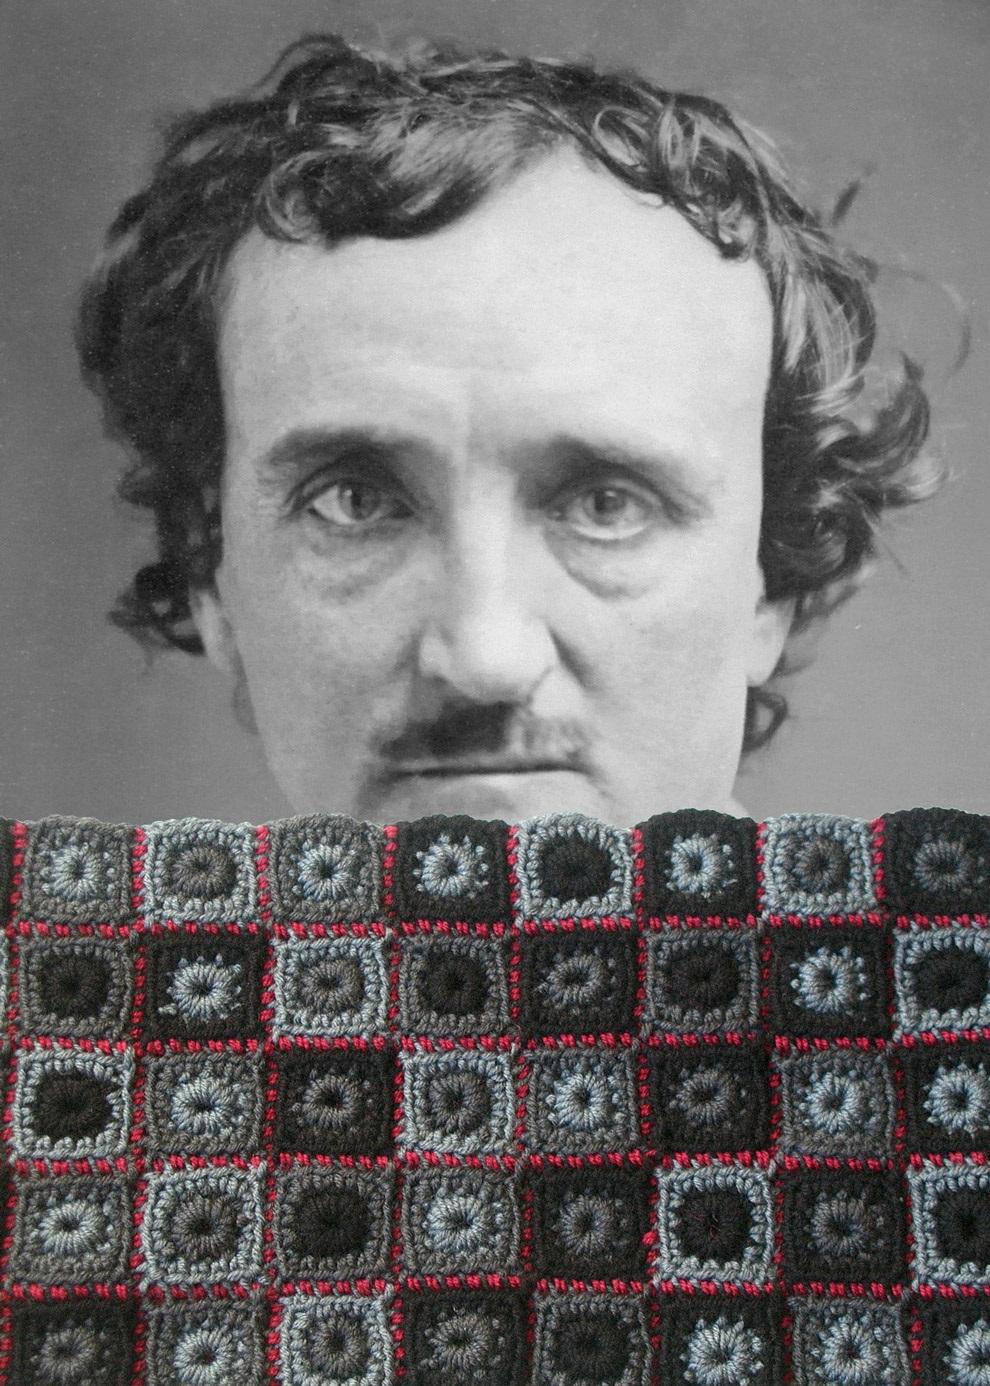 Edgar Allan Poe Unisex Neckwarmer - Edgar Allan Poe scaldacollo unisex